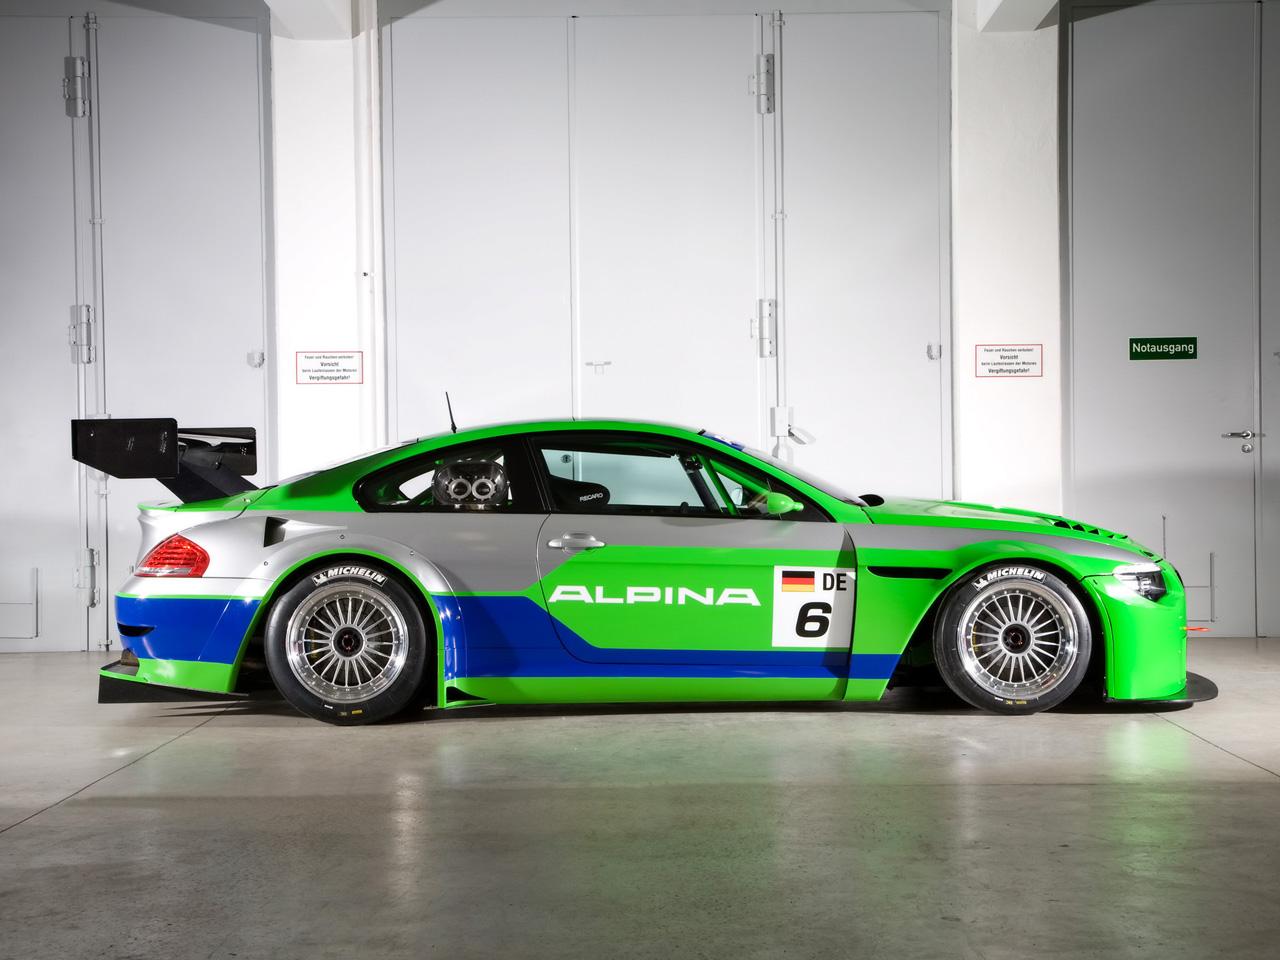 2009-BMW-Alpina-B6-GT3-Side-1280x960-1-